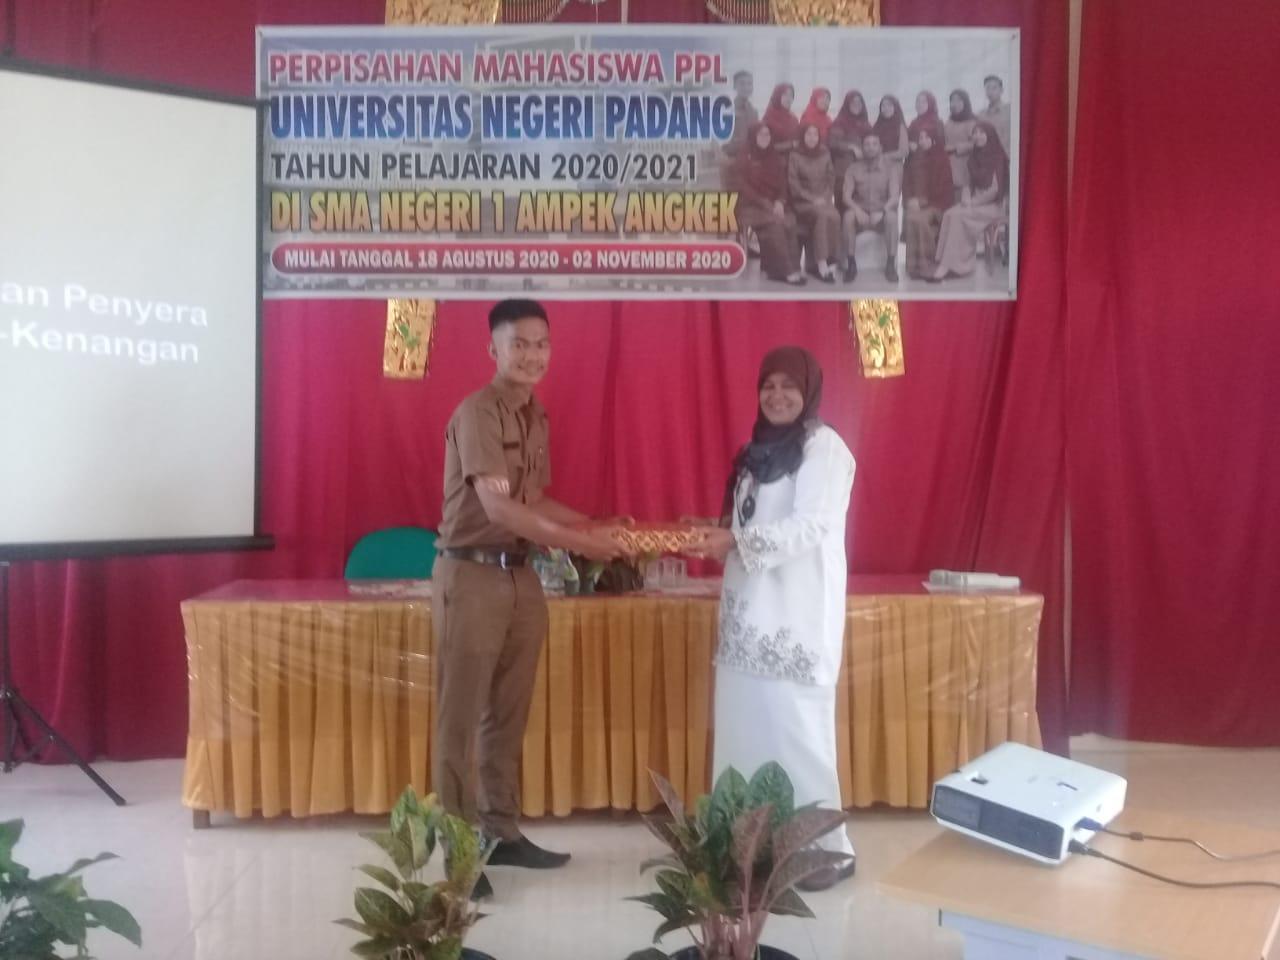 Mahasiswa PPL Universitas Negeri Padang Tahun Ajaran 2020/2021 Melakukan Perpishan ke Majlis Guru SMAN 1 Ampek Angkek